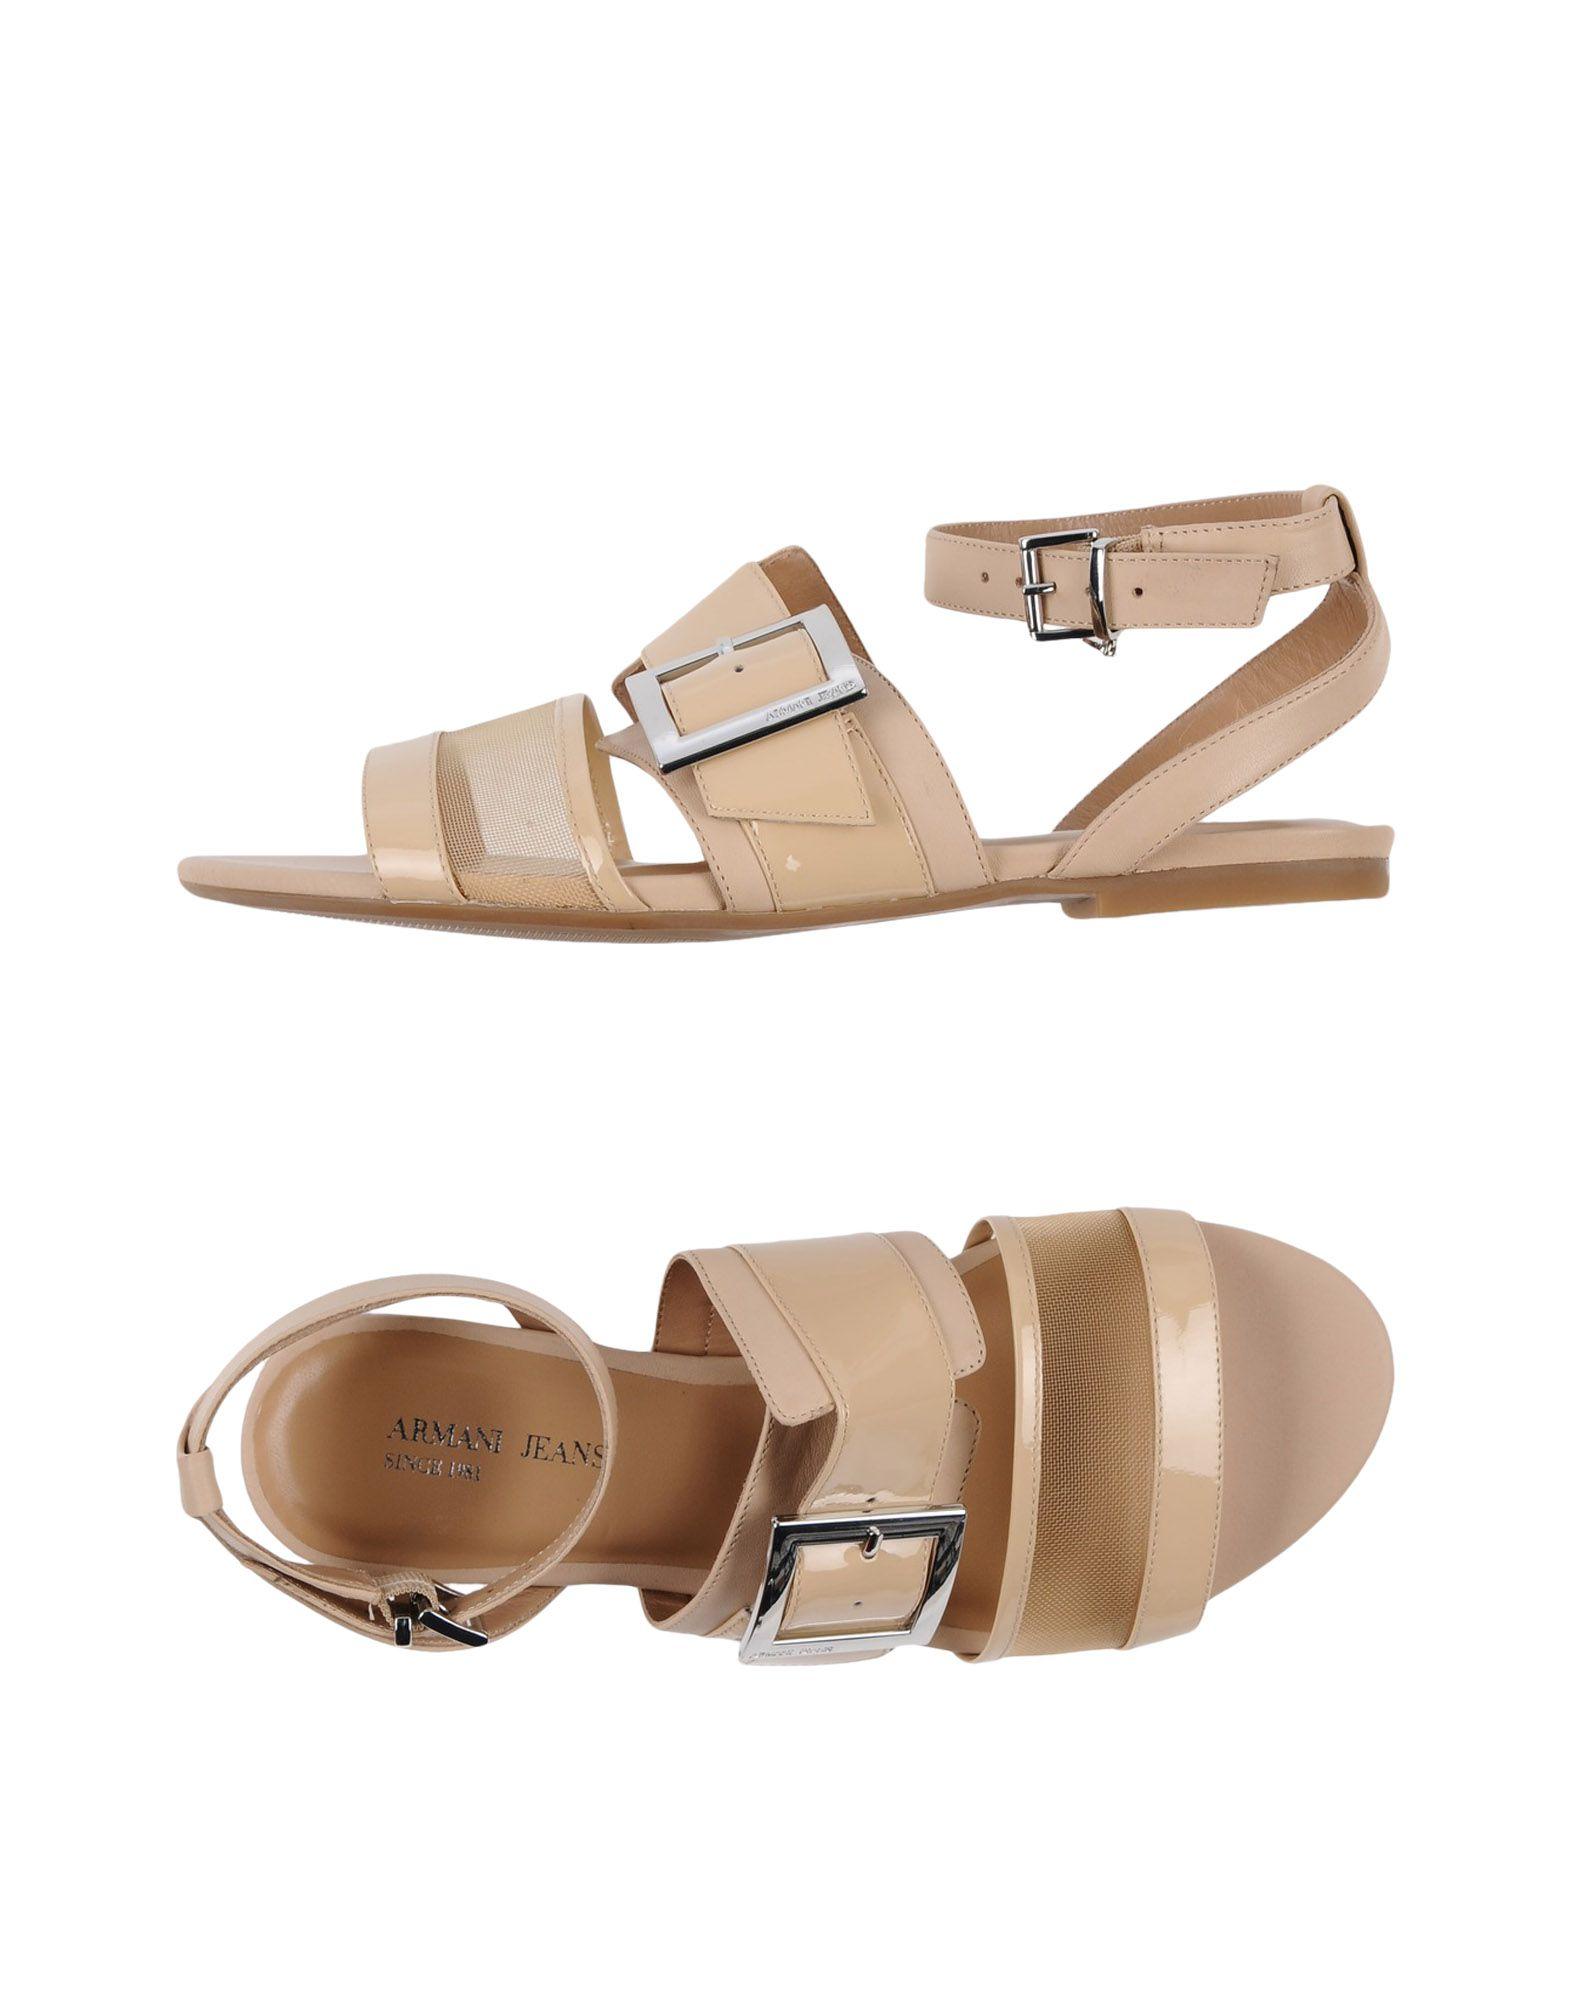 Sandali Armani Jeans Donna - Acquista online su